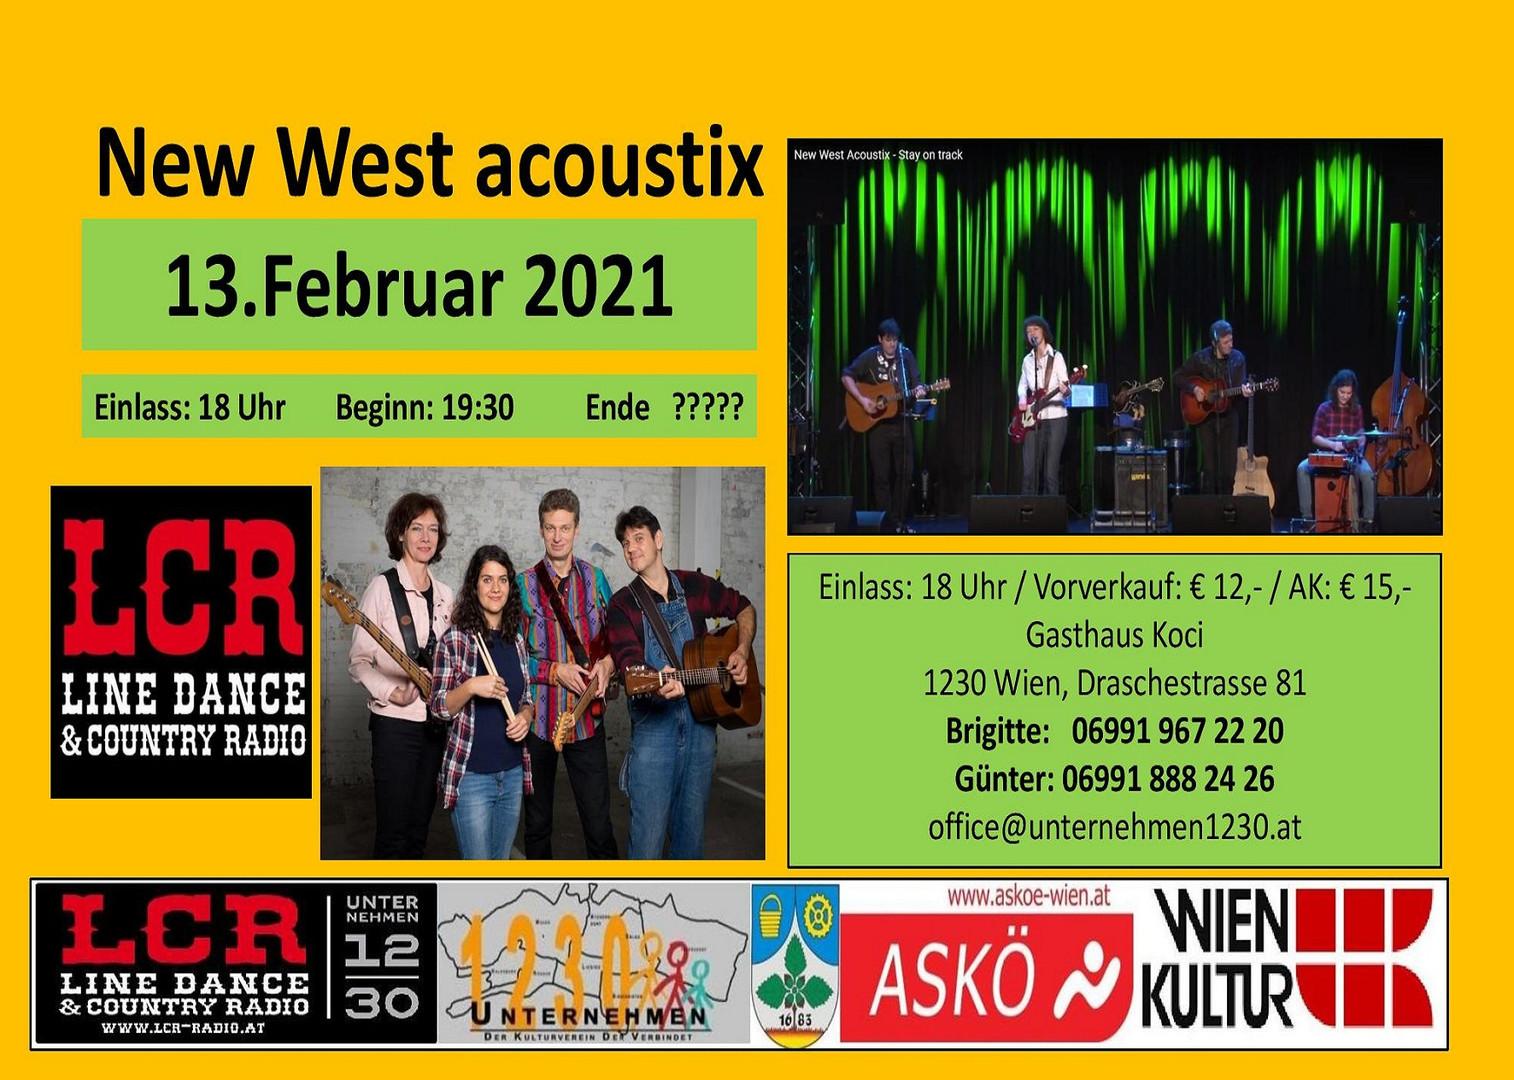 3. New West acoustix. 13.02.2021-A6.jpg